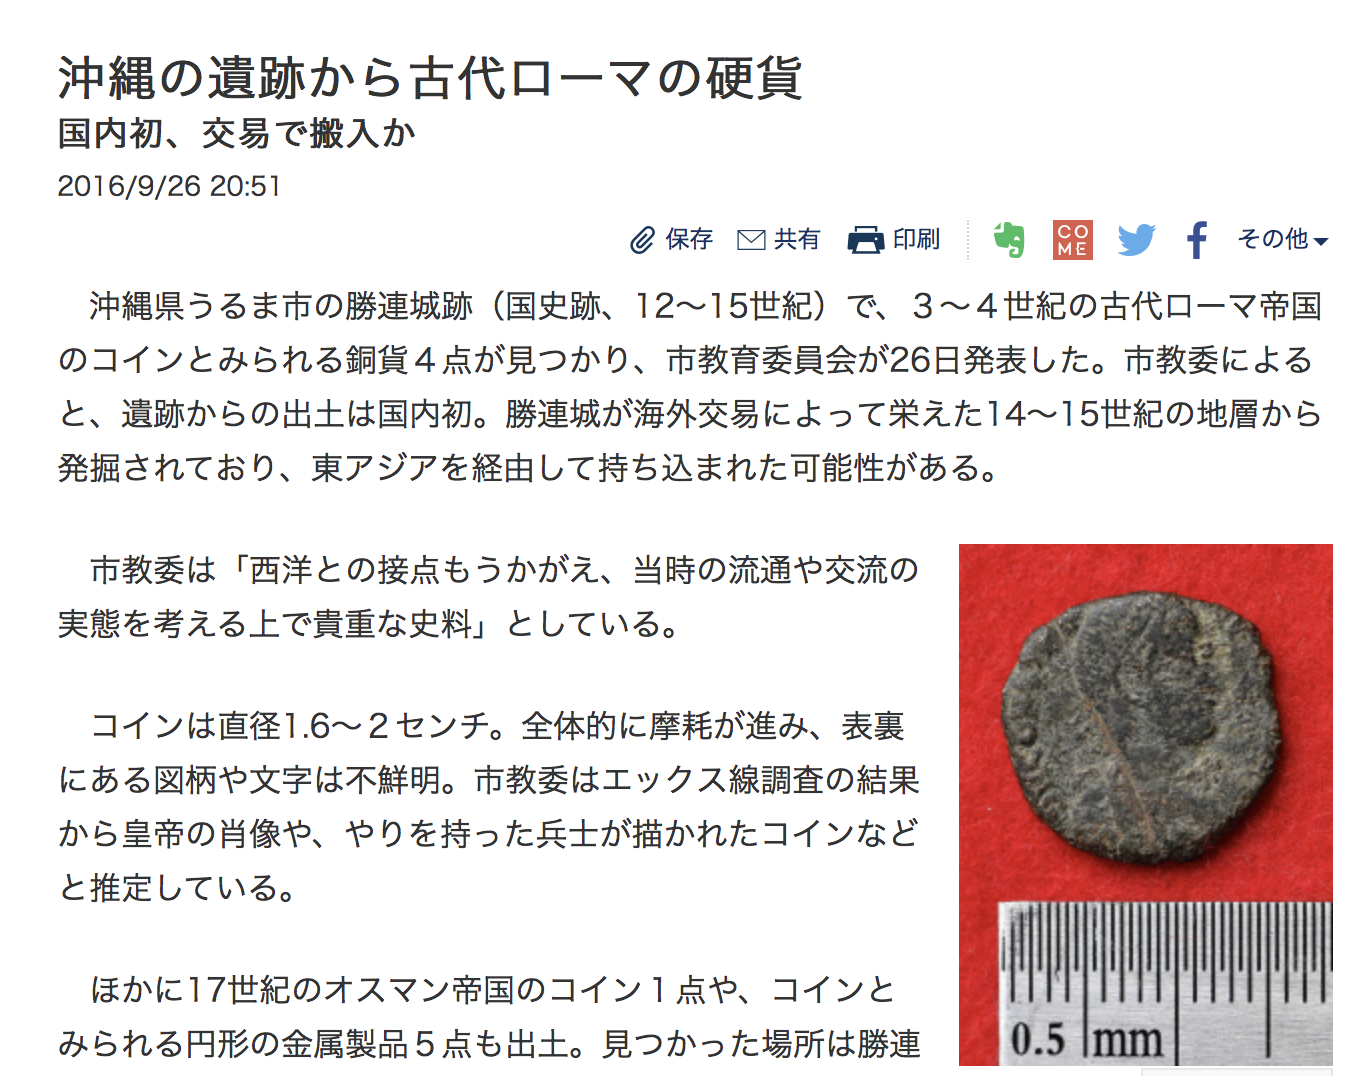 沖縄の古代ローマコイン